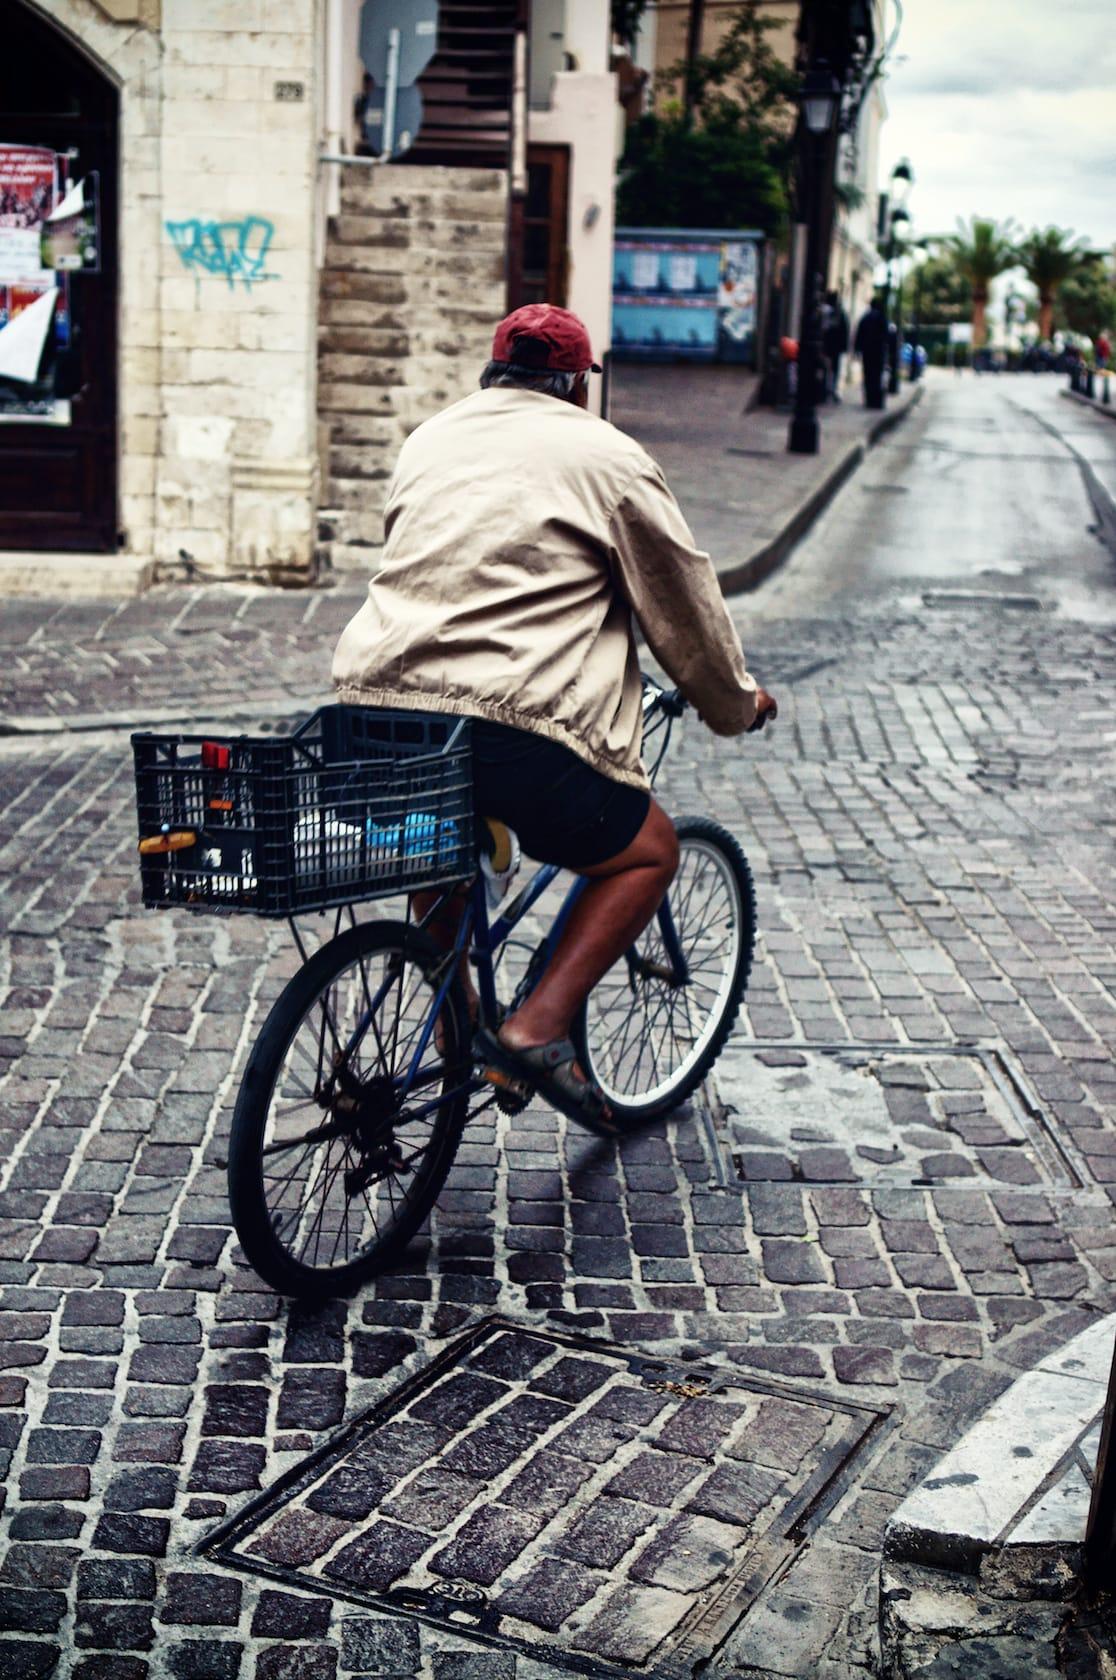 Cycling in Rethymno